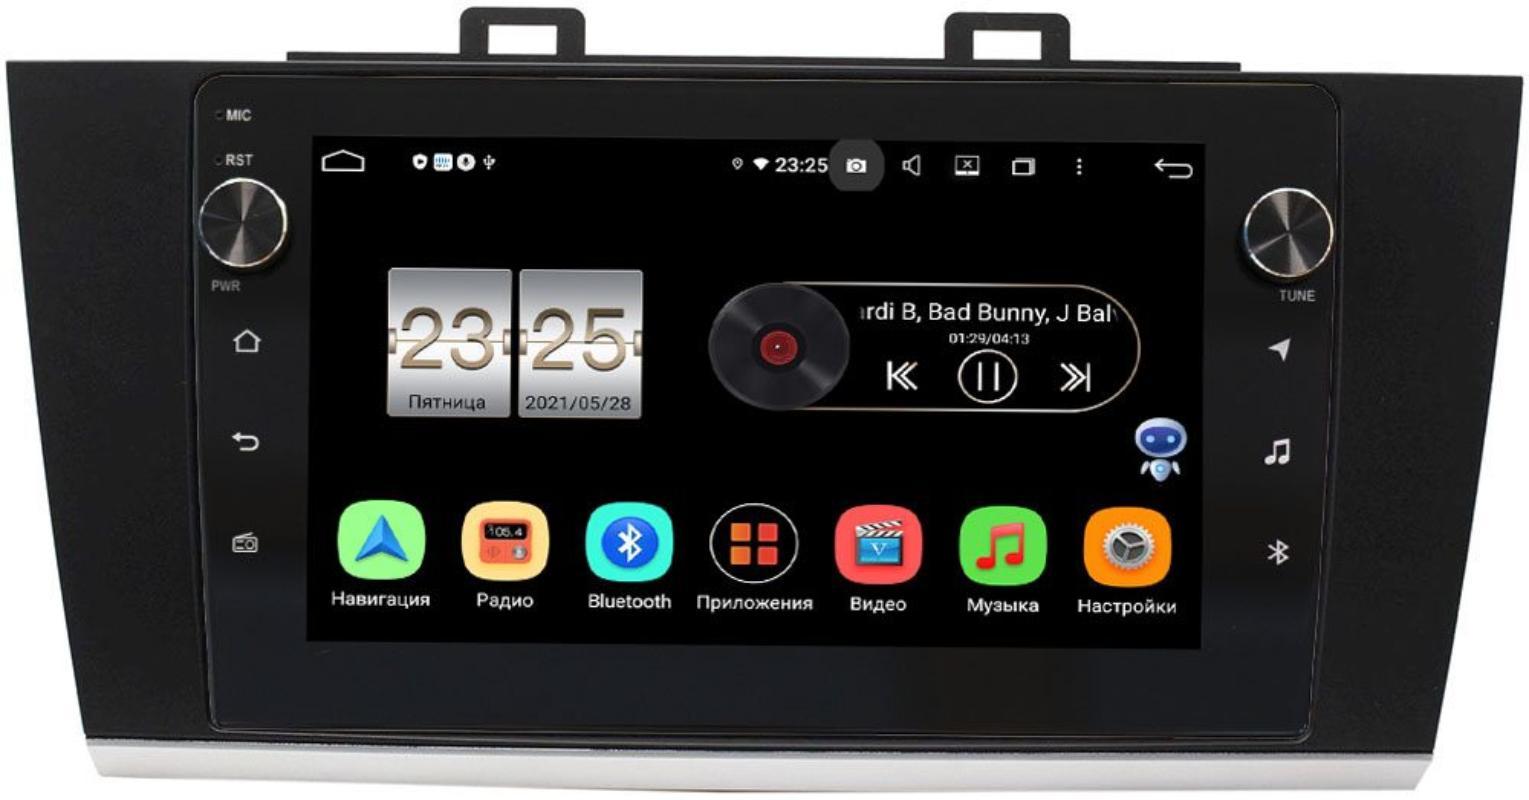 Штатная магнитола LeTrun BPX409-9192 для Subaru Legacy VI, Outback V 2014-2019 на Android 10 (4/32, DSP, IPS, с голосовым ассистентом, с крутилками) (+ Камера заднего вида в подарок!)